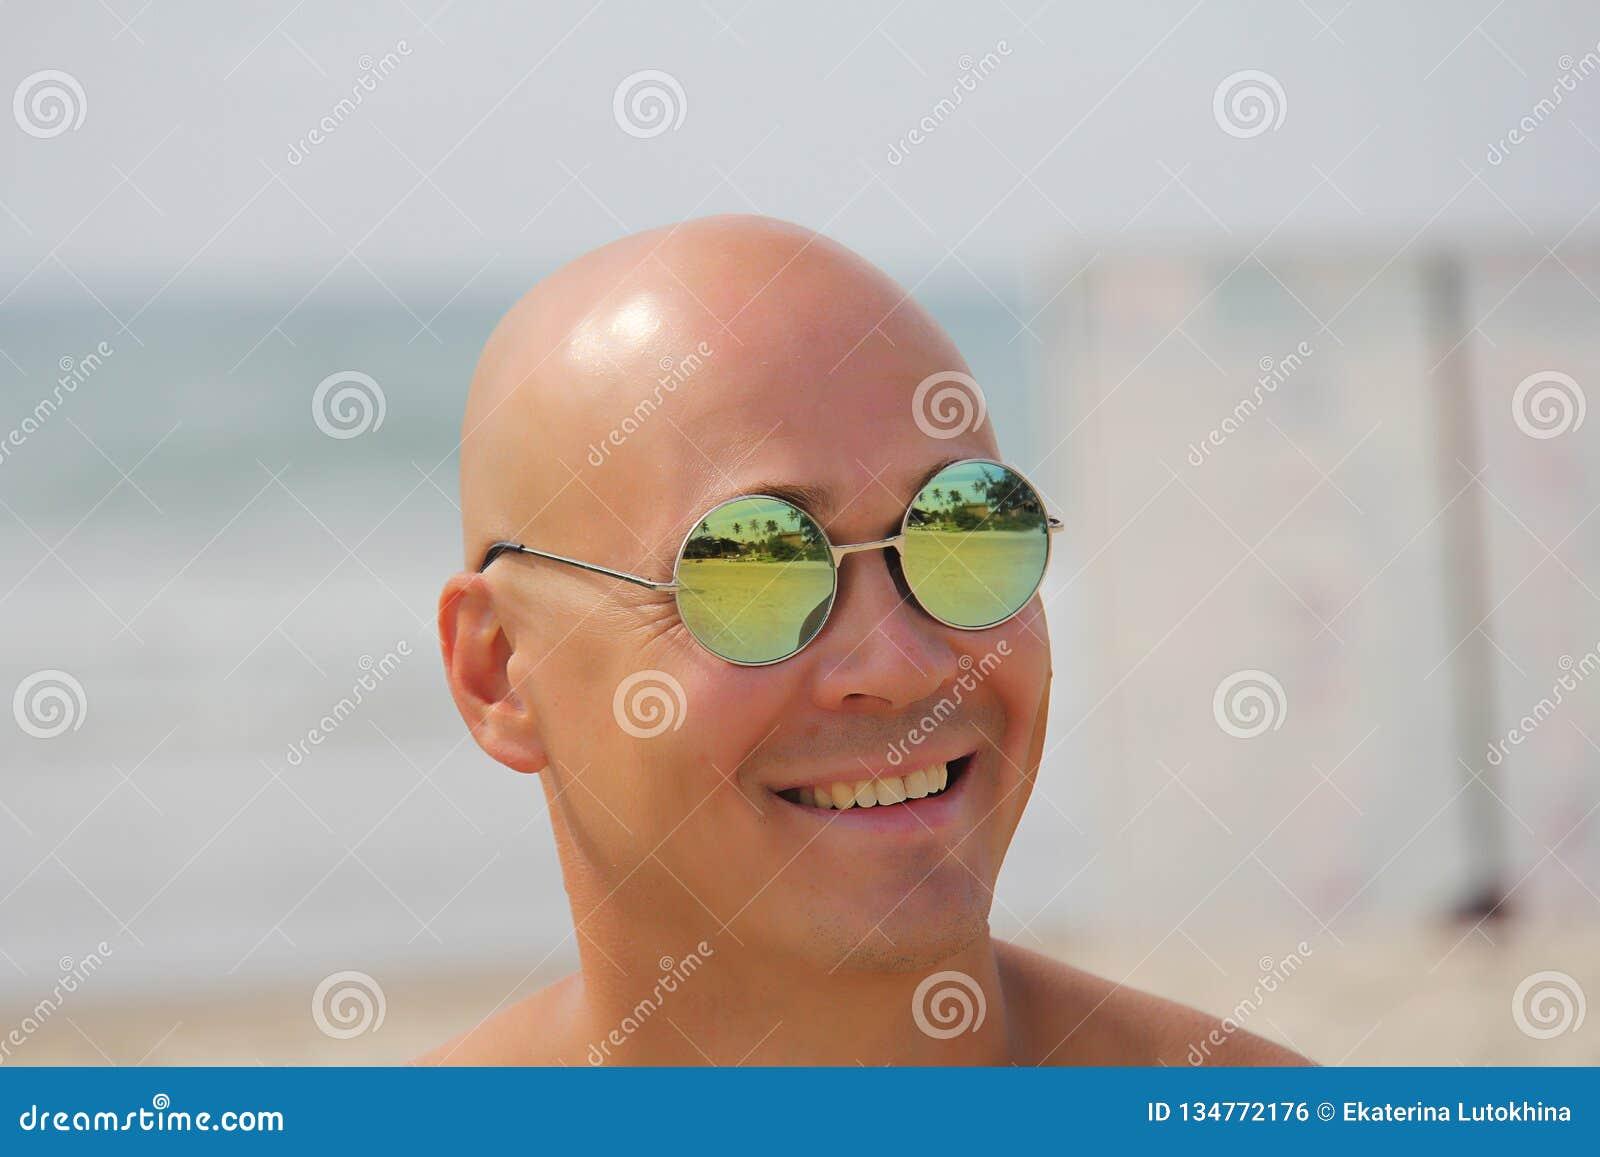 Des Chauve De Lunettes Bel Un Soleil Miroir Homme Dans mOvny8PNw0